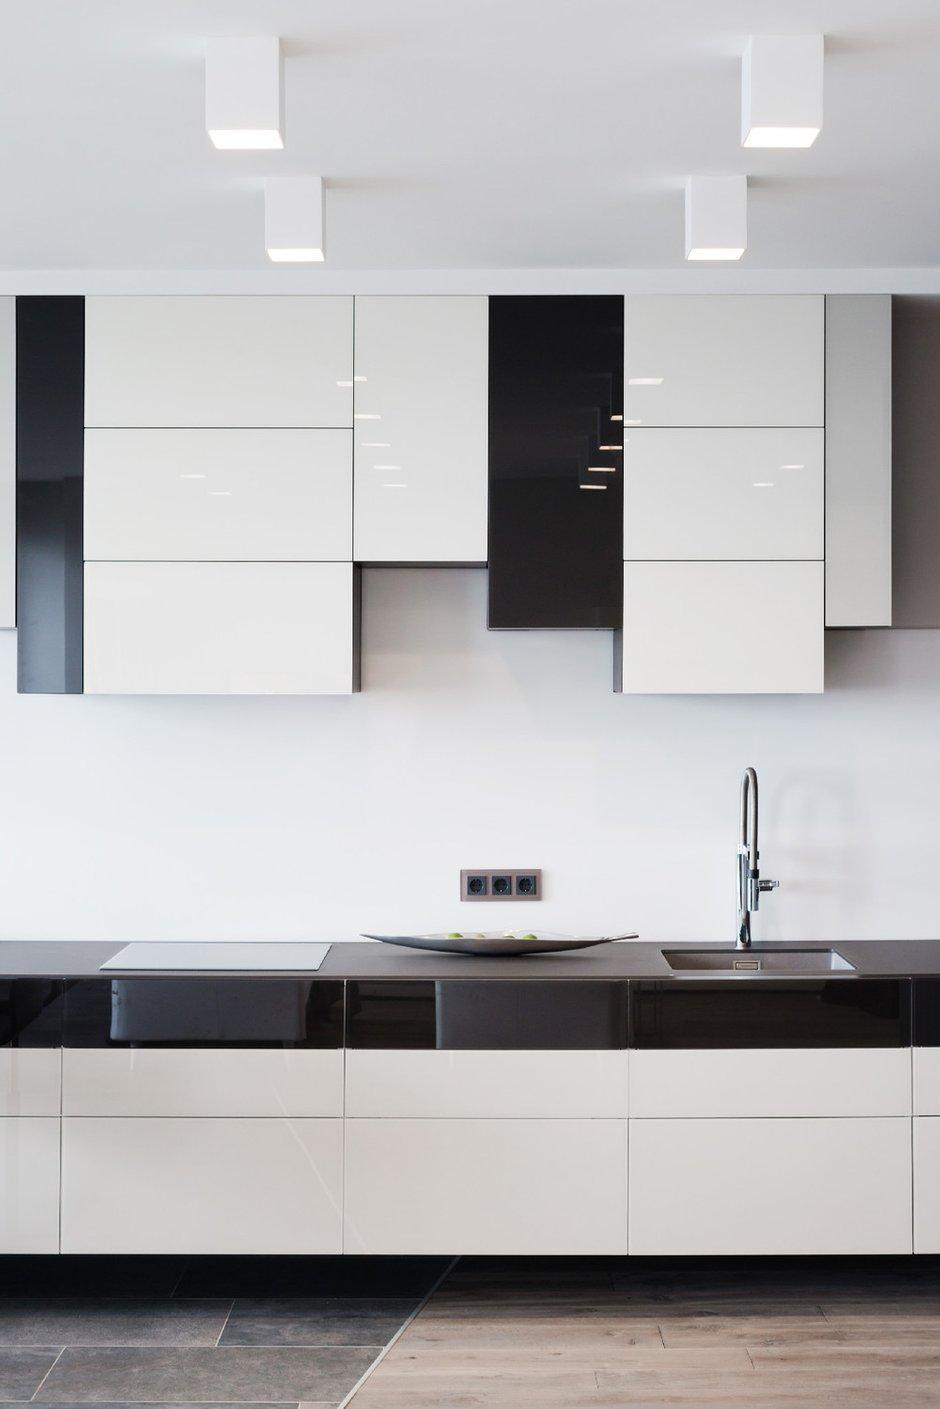 Фотография: Кухня и столовая в стиле Современный, Хай-тек, Квартира, Минимализм, Проект недели – фото на INMYROOM